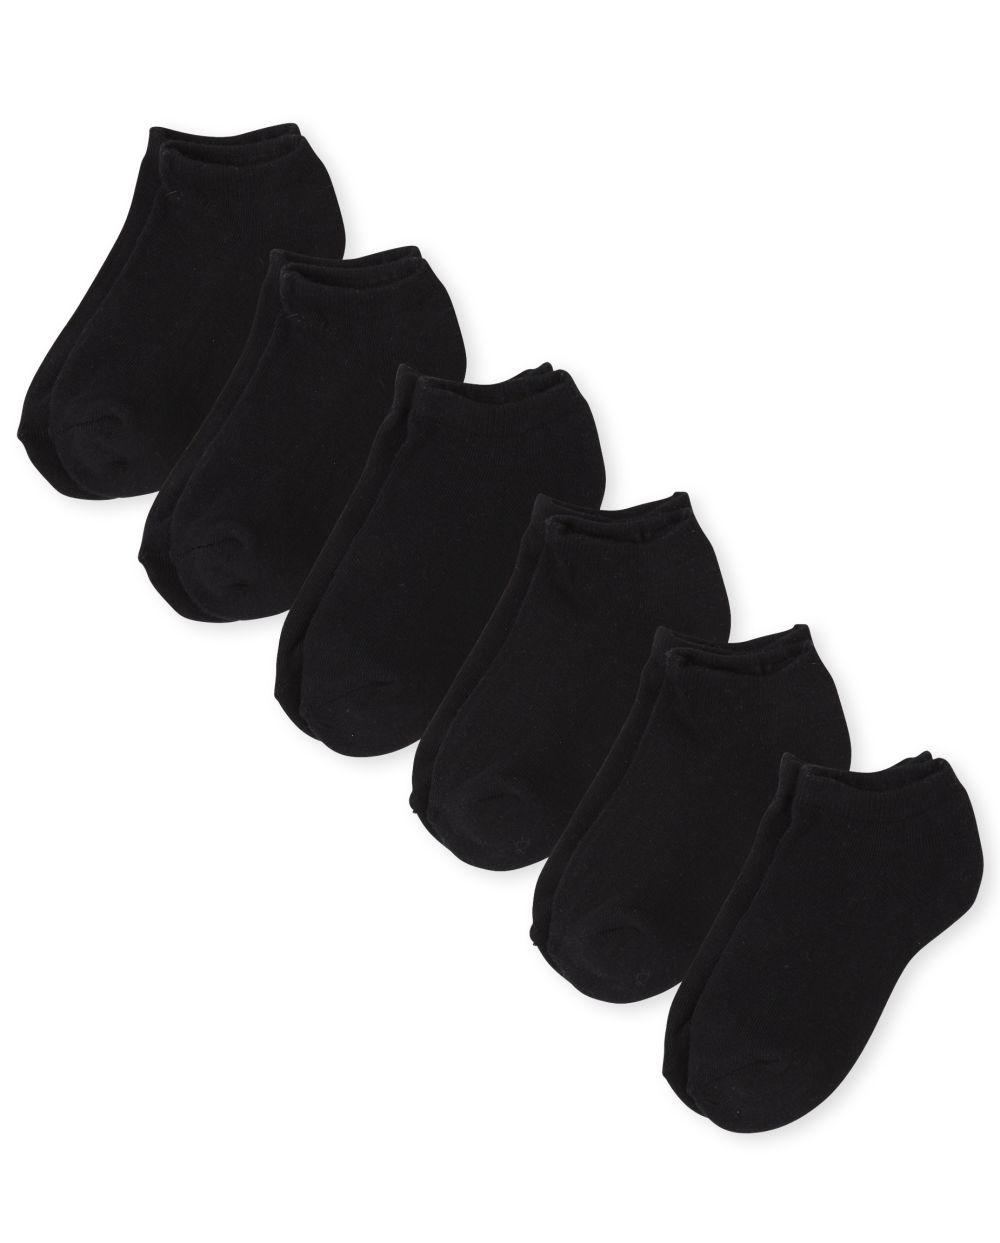 Unisex Kids Ankle Socks 6-Pack